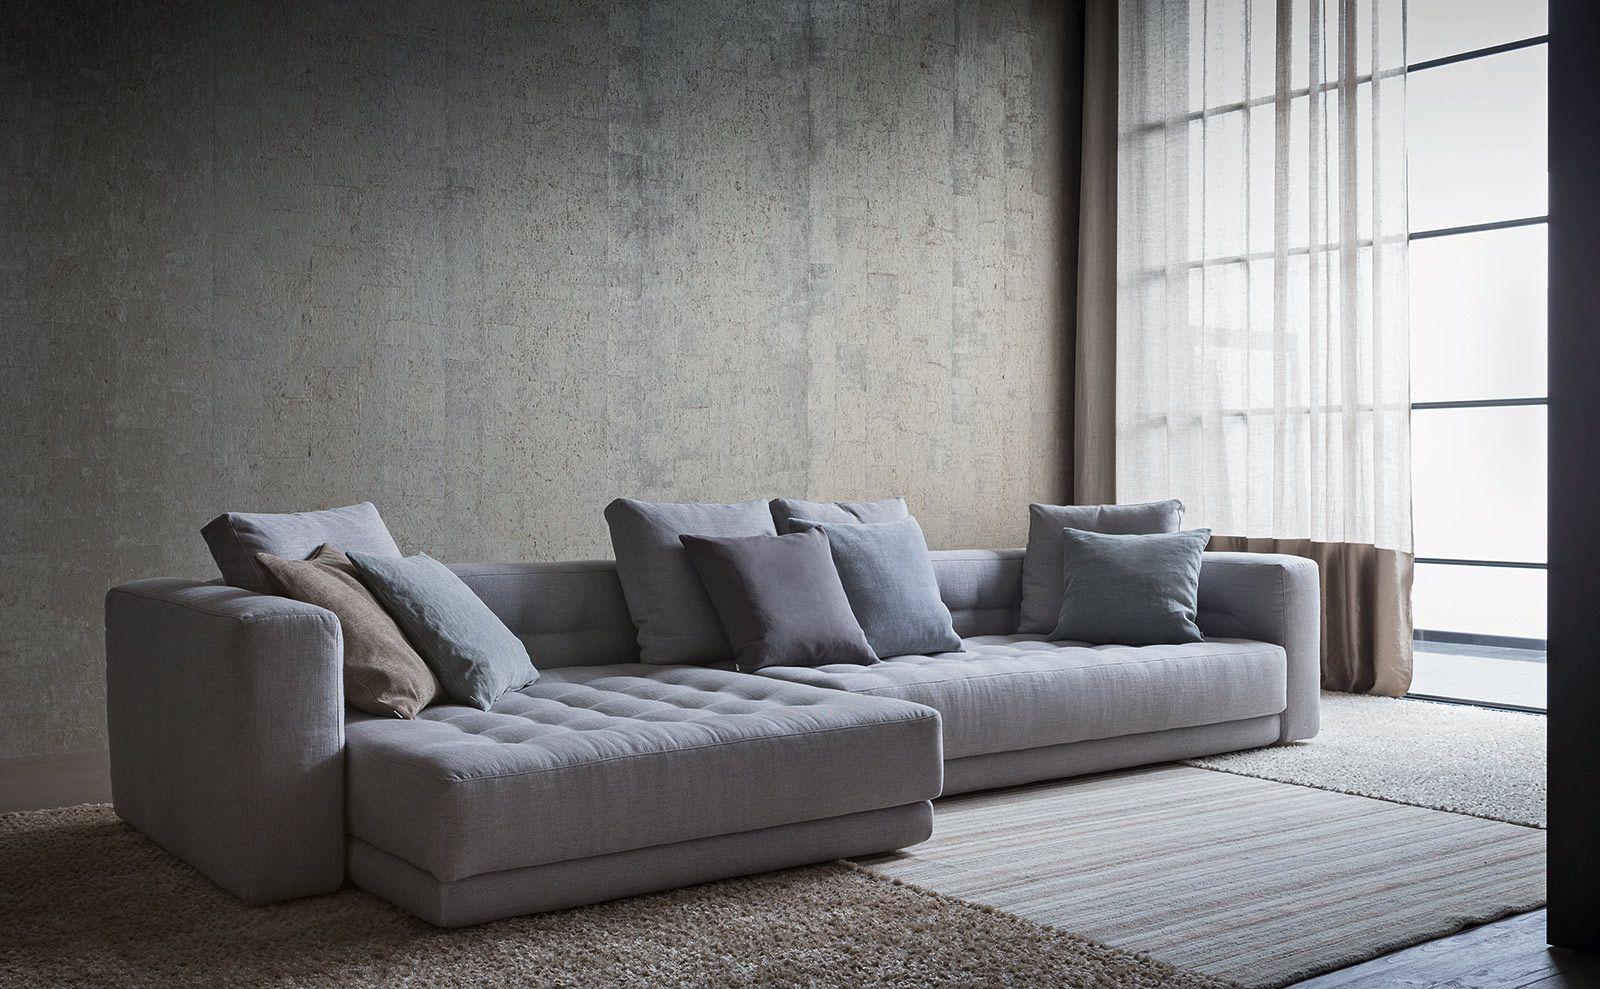 Risultati immagini per divani componibili grandi scontati